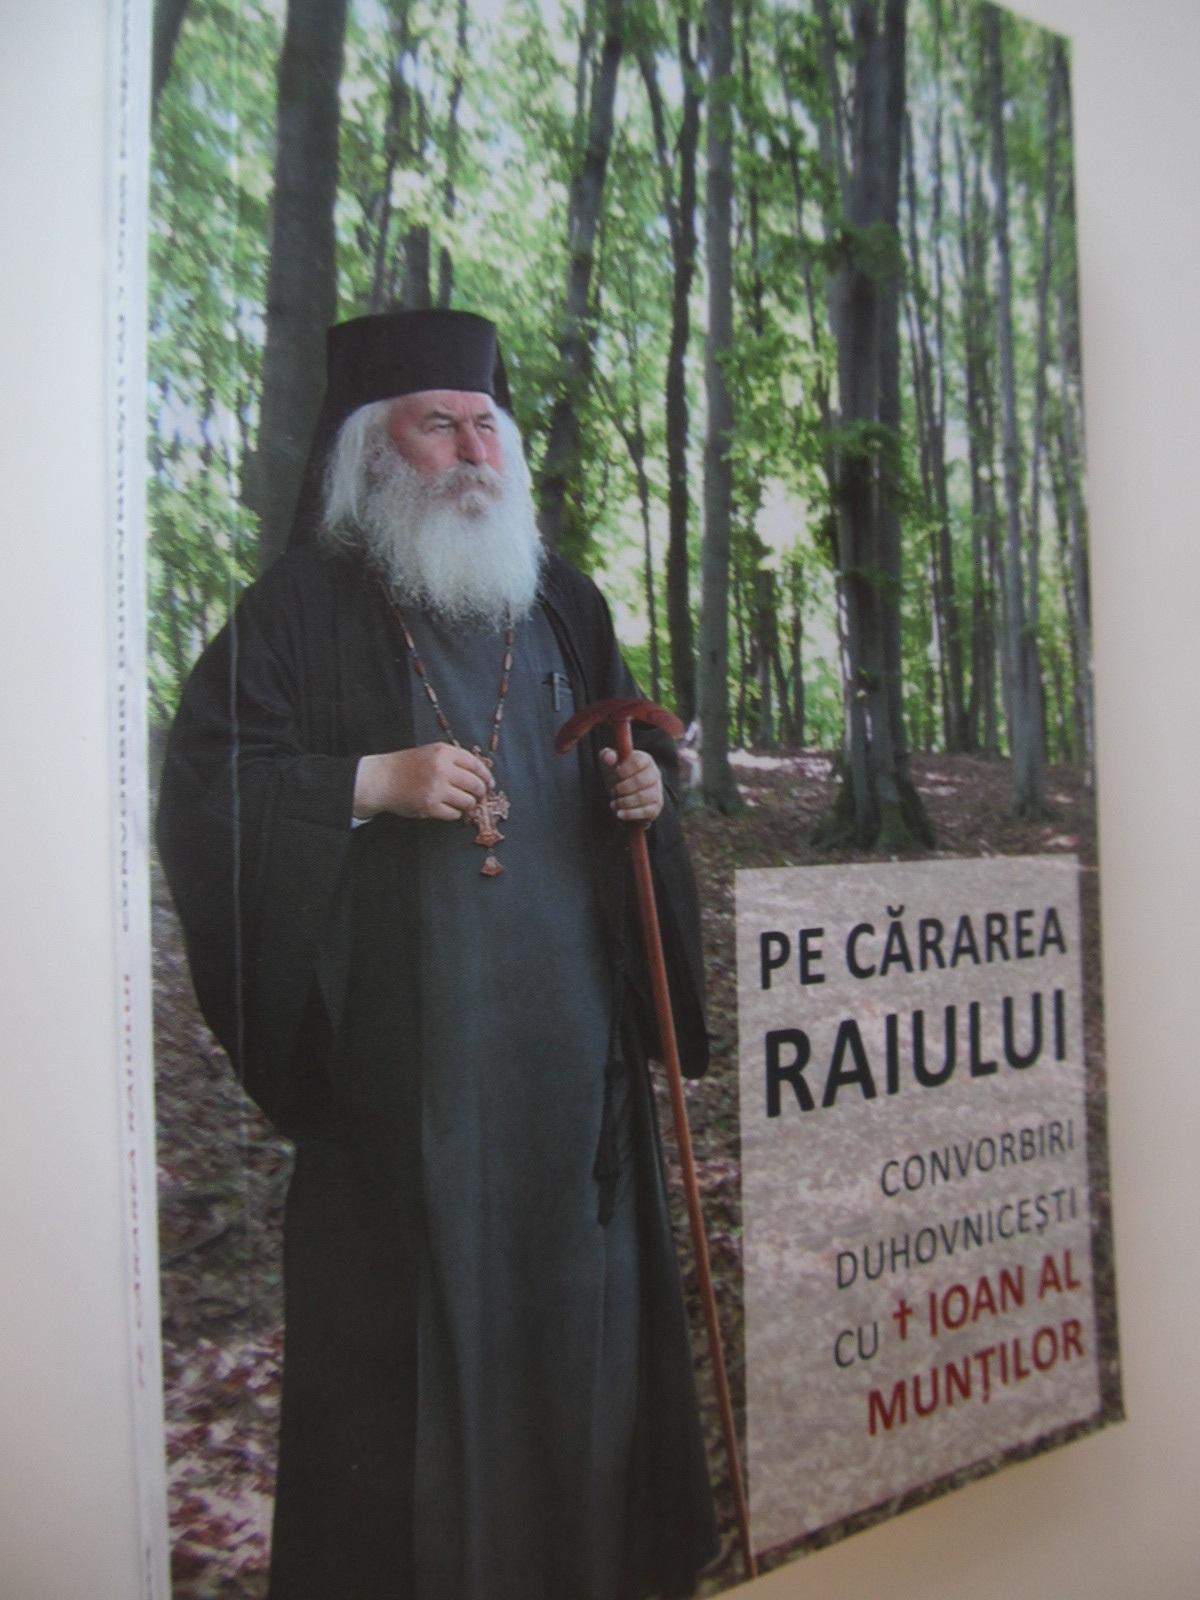 Pe cararea Raiului - Convorbiri duhovnicesti cu Ioan al Muntilor - Luminita Cornea | Detalii carte